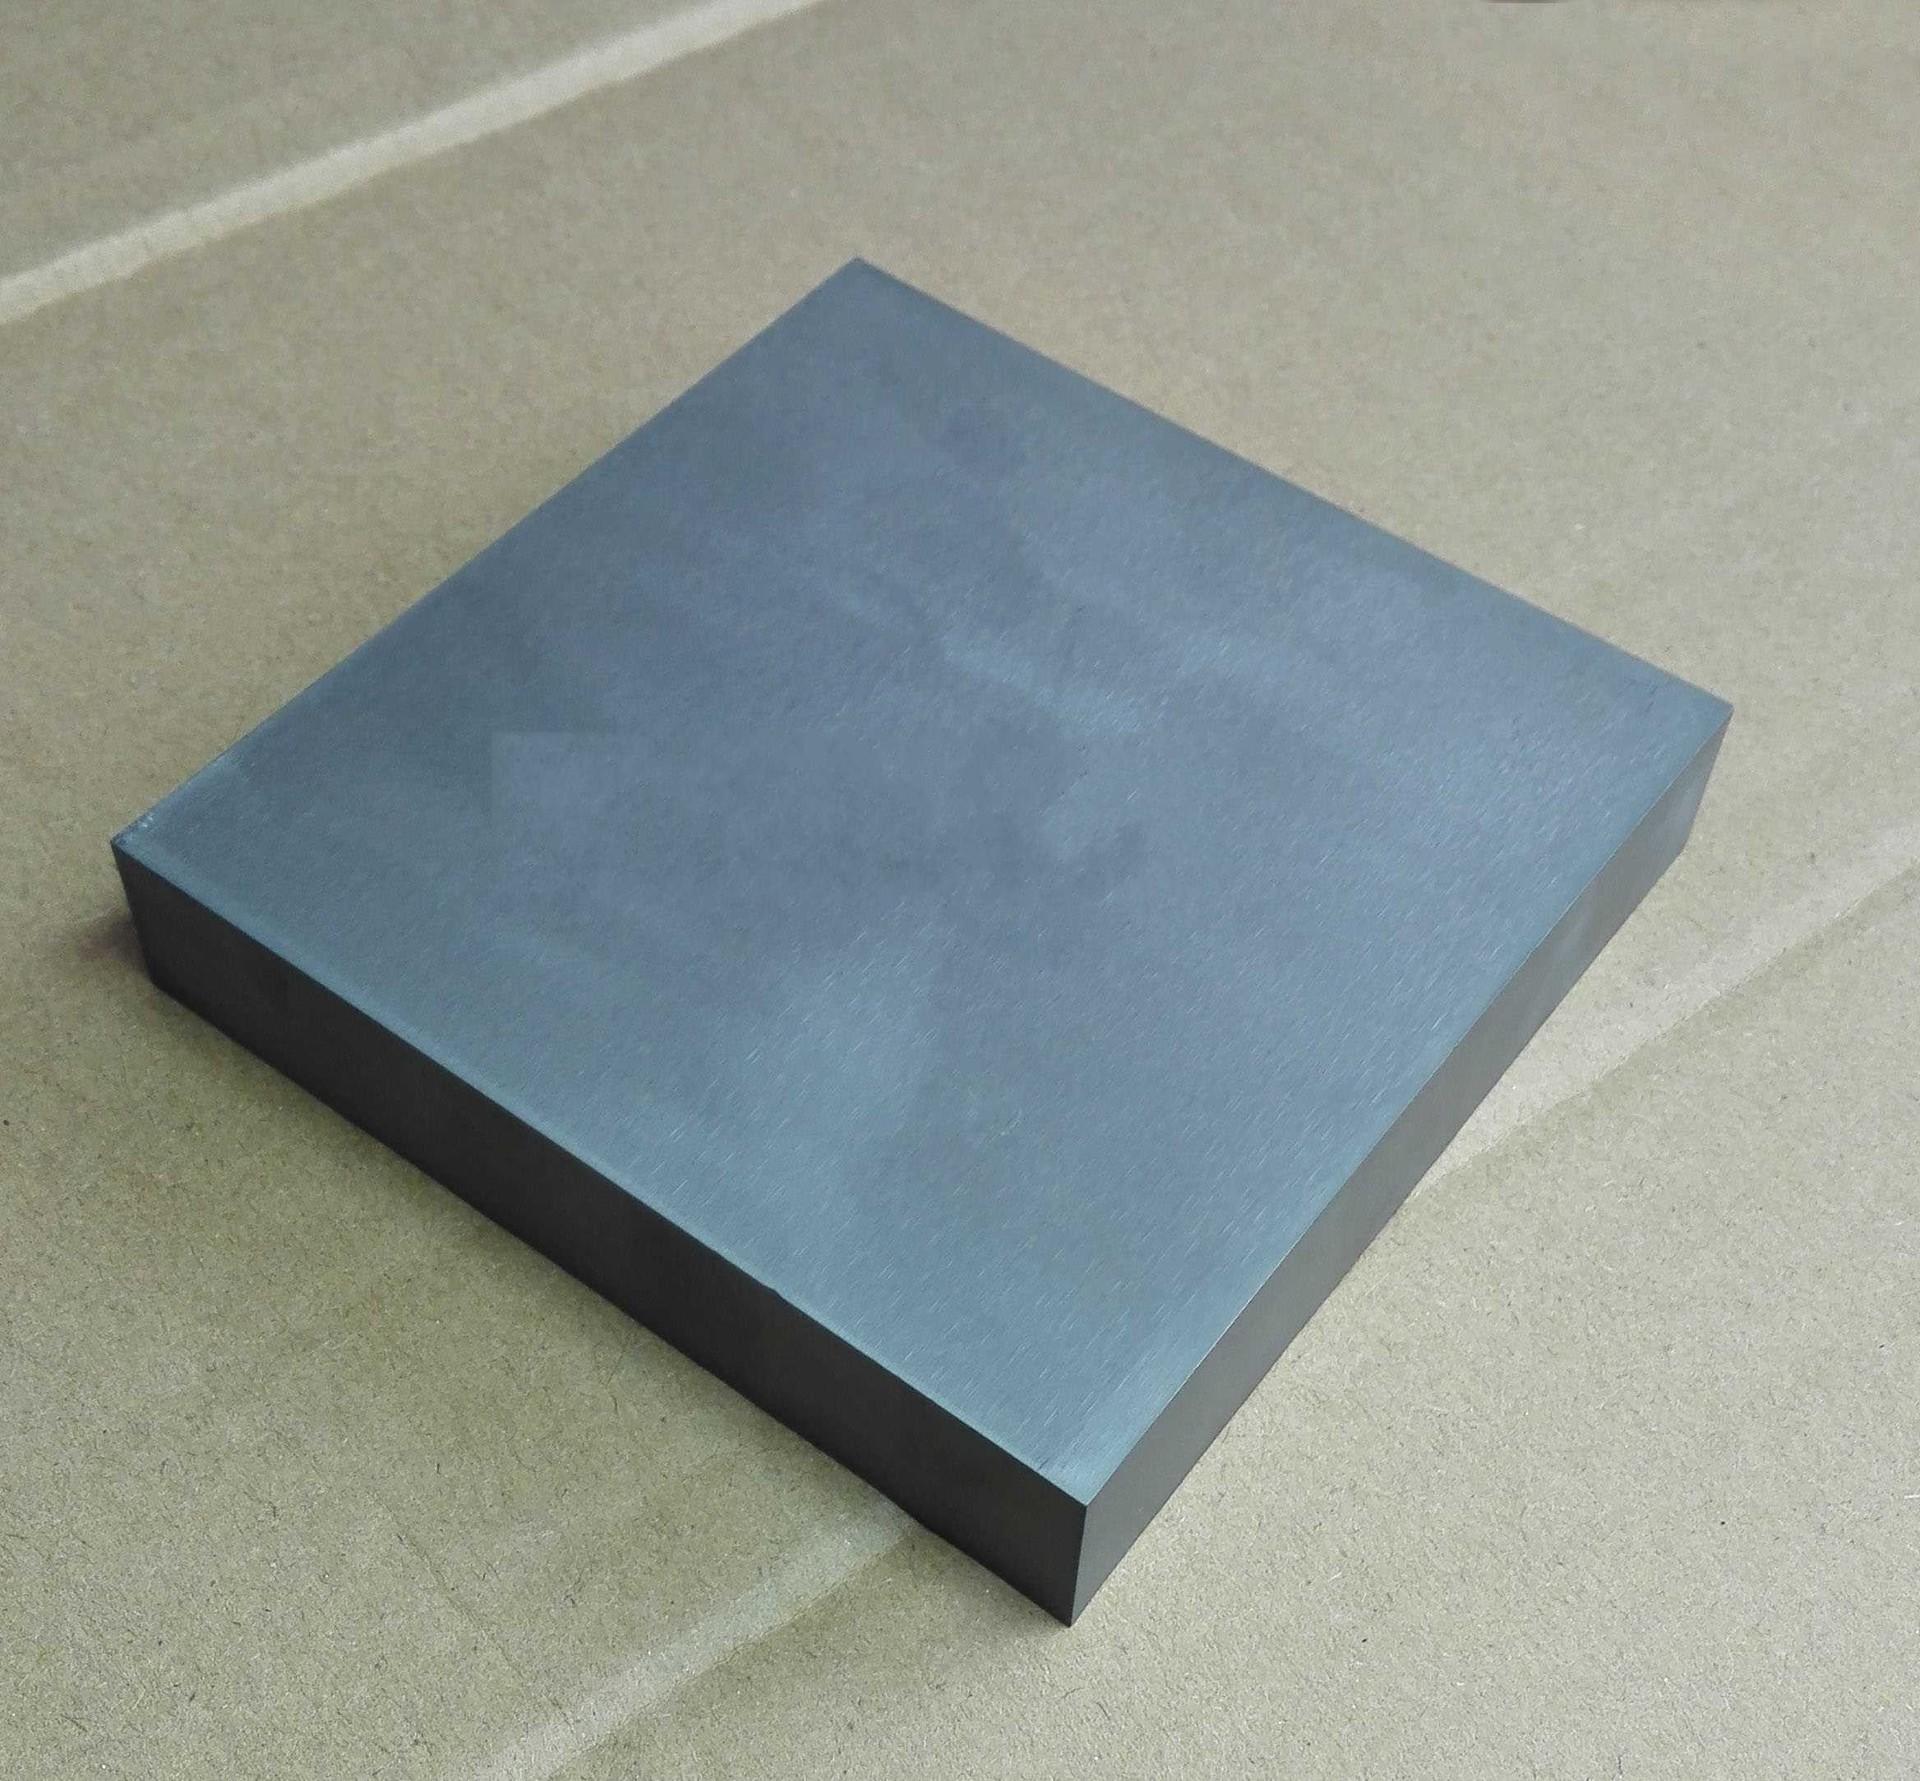 钨钢(硬质合金)